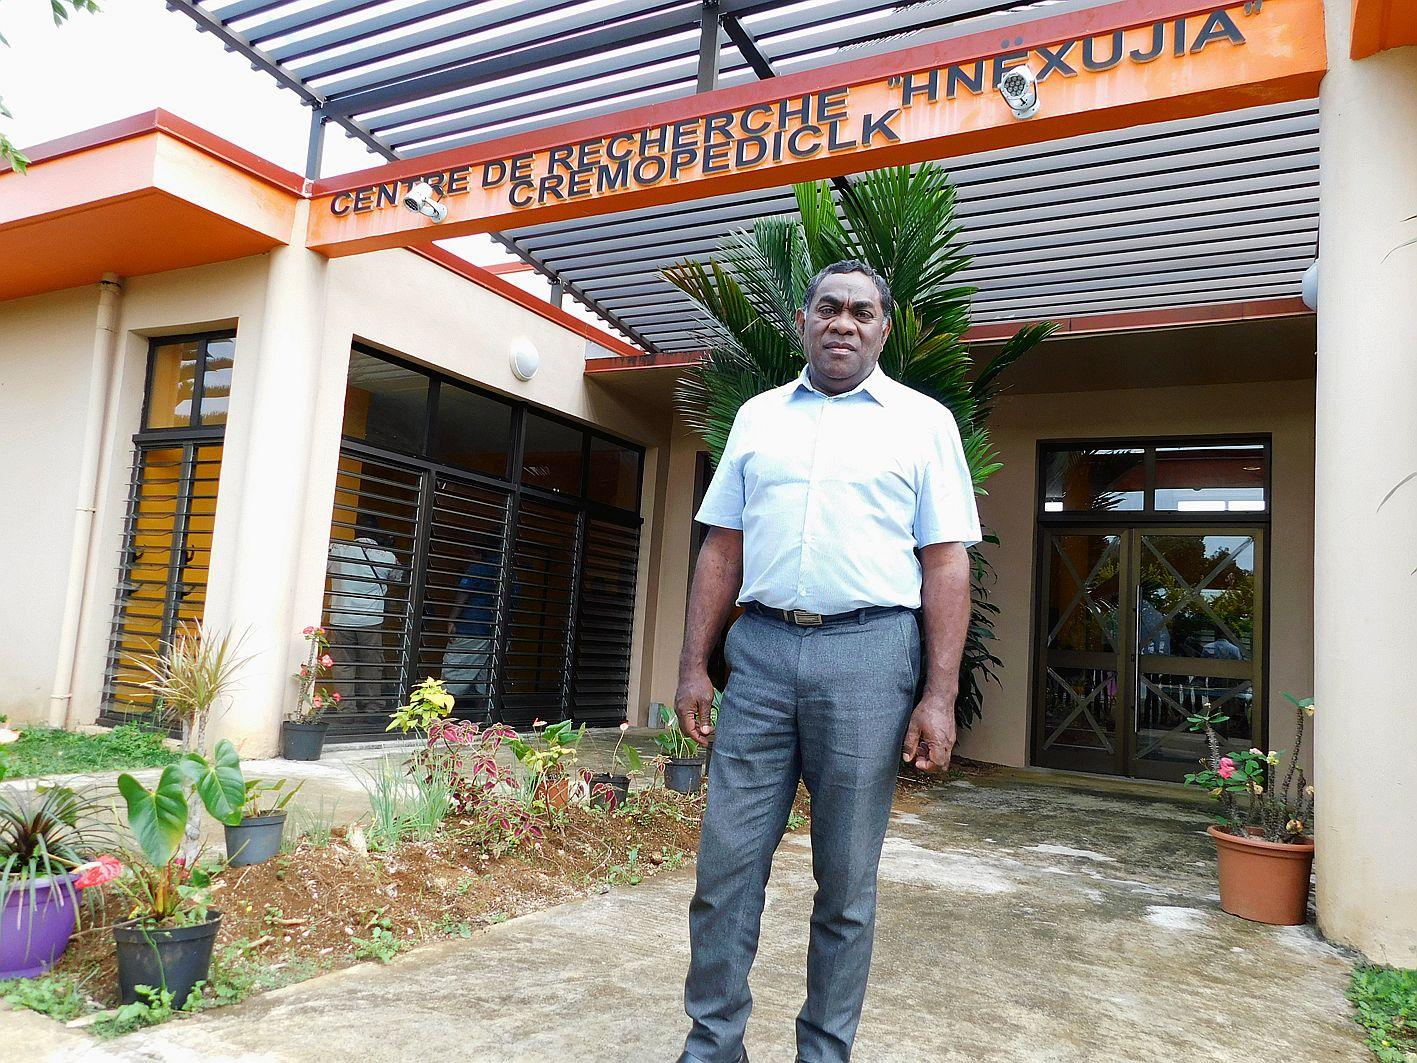 Richard Waminya, docteur en science de l'éducation,  est le responsable du centre Hnëxujia.